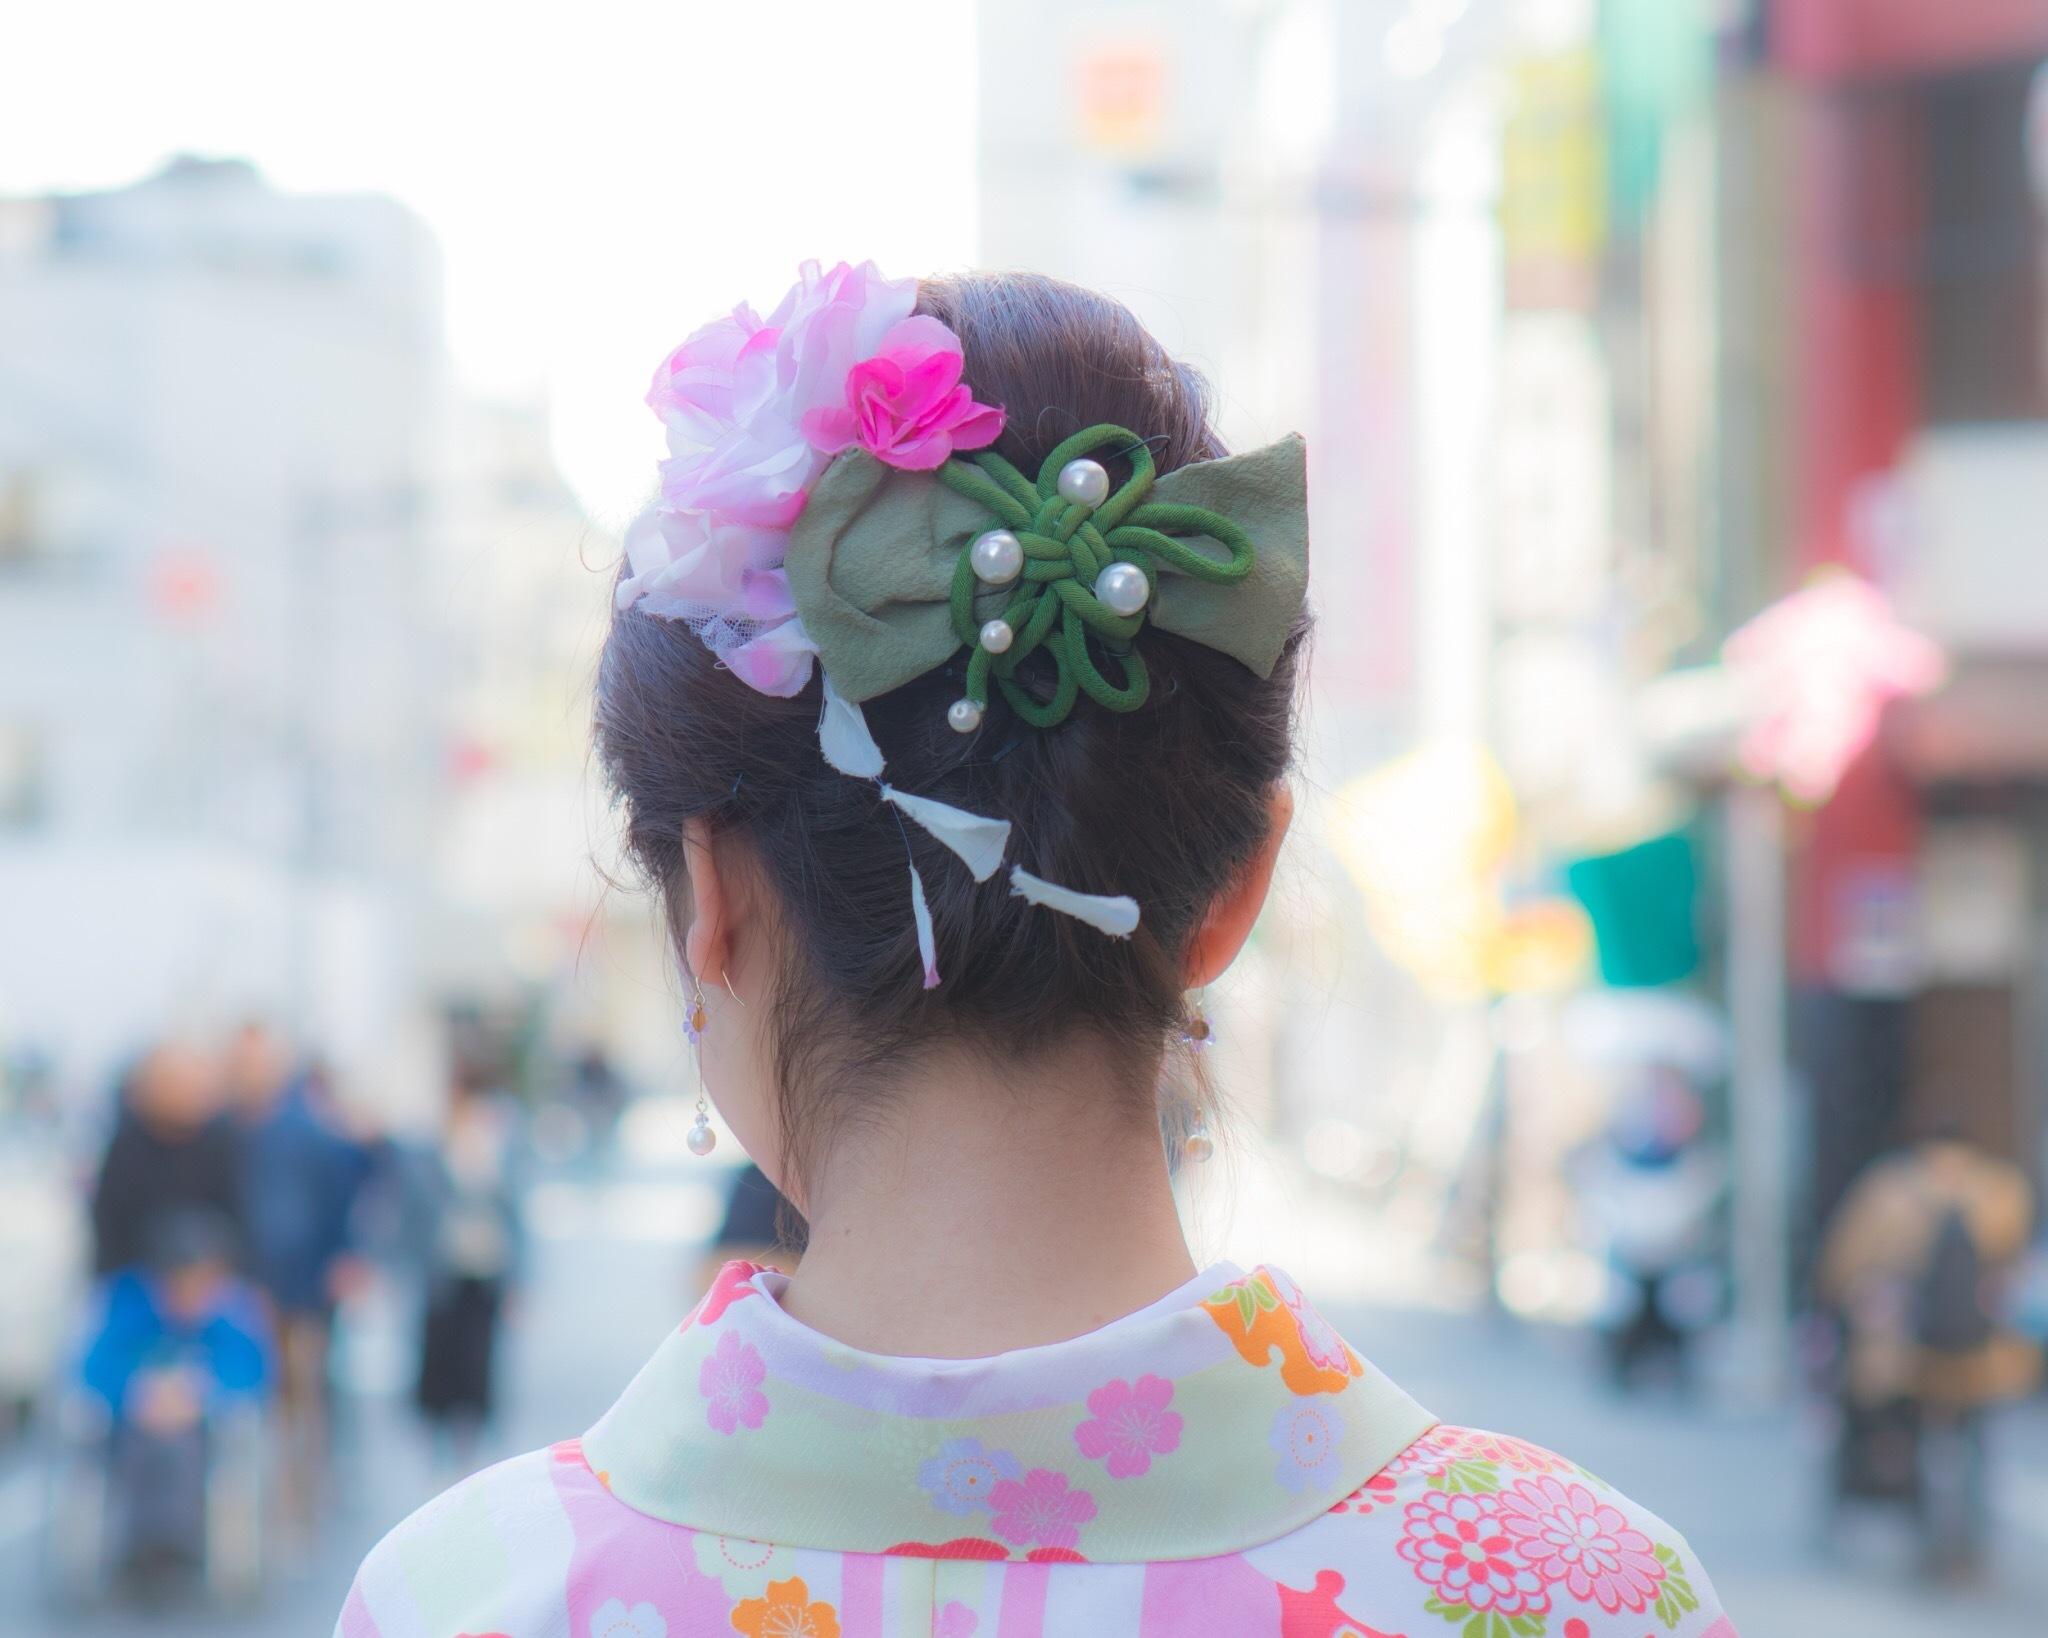 浅草でおすすめの着物レンタル屋さん♡_1_2